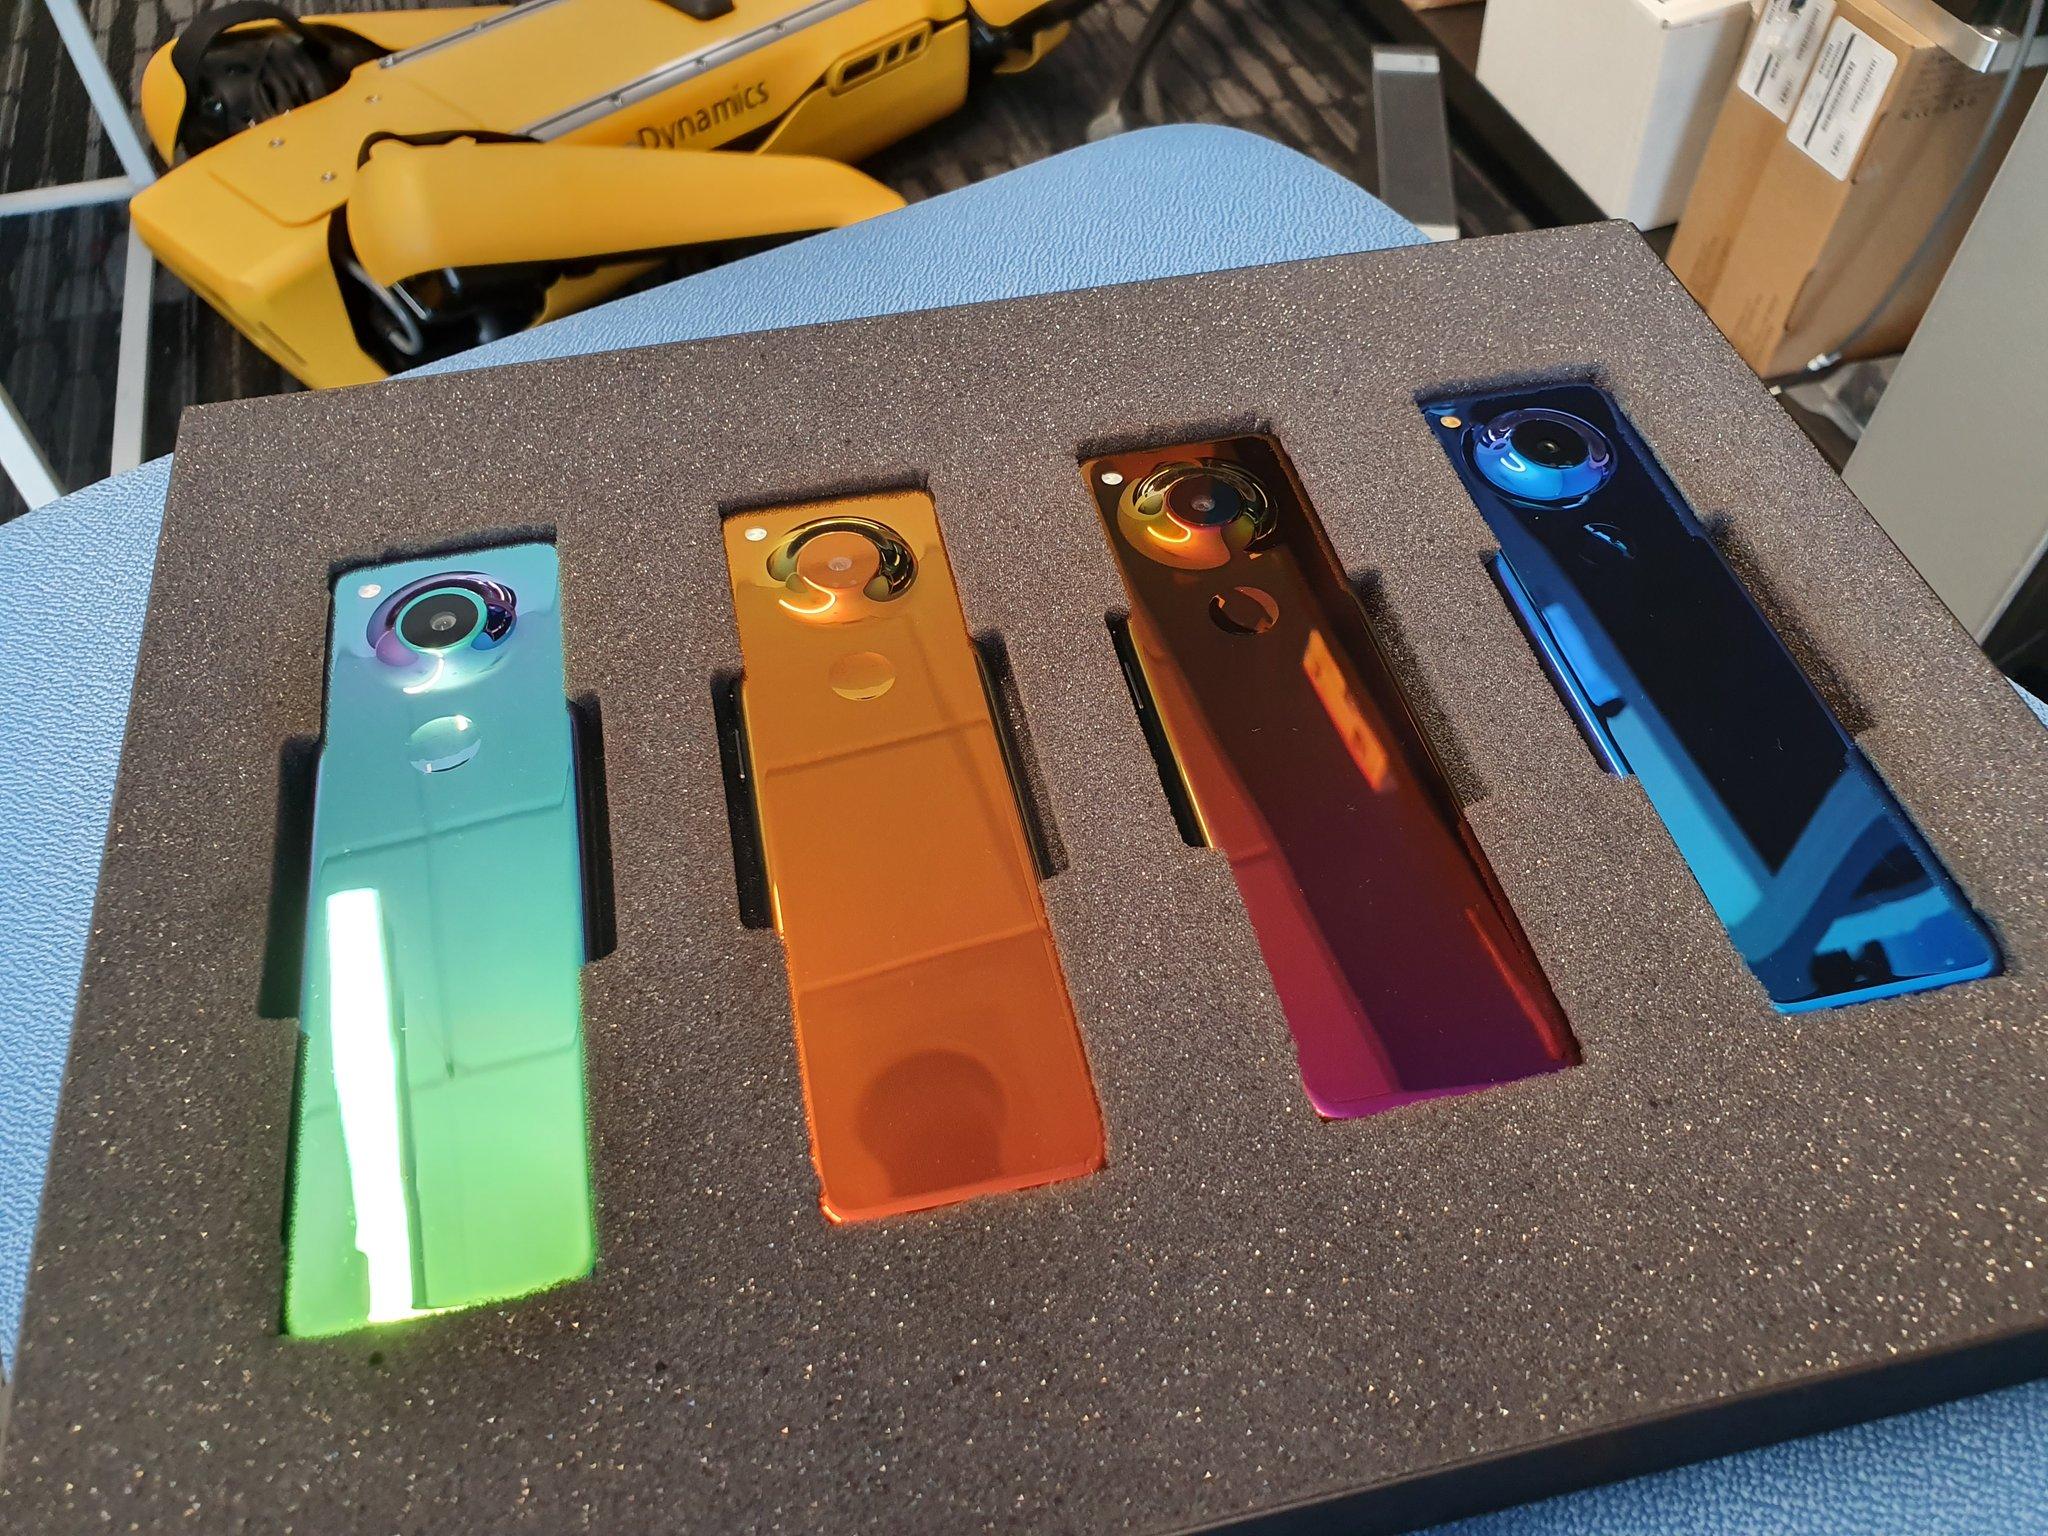 Essential dévoile un smartphone étrange qui ne tiendra pas dans votre poche